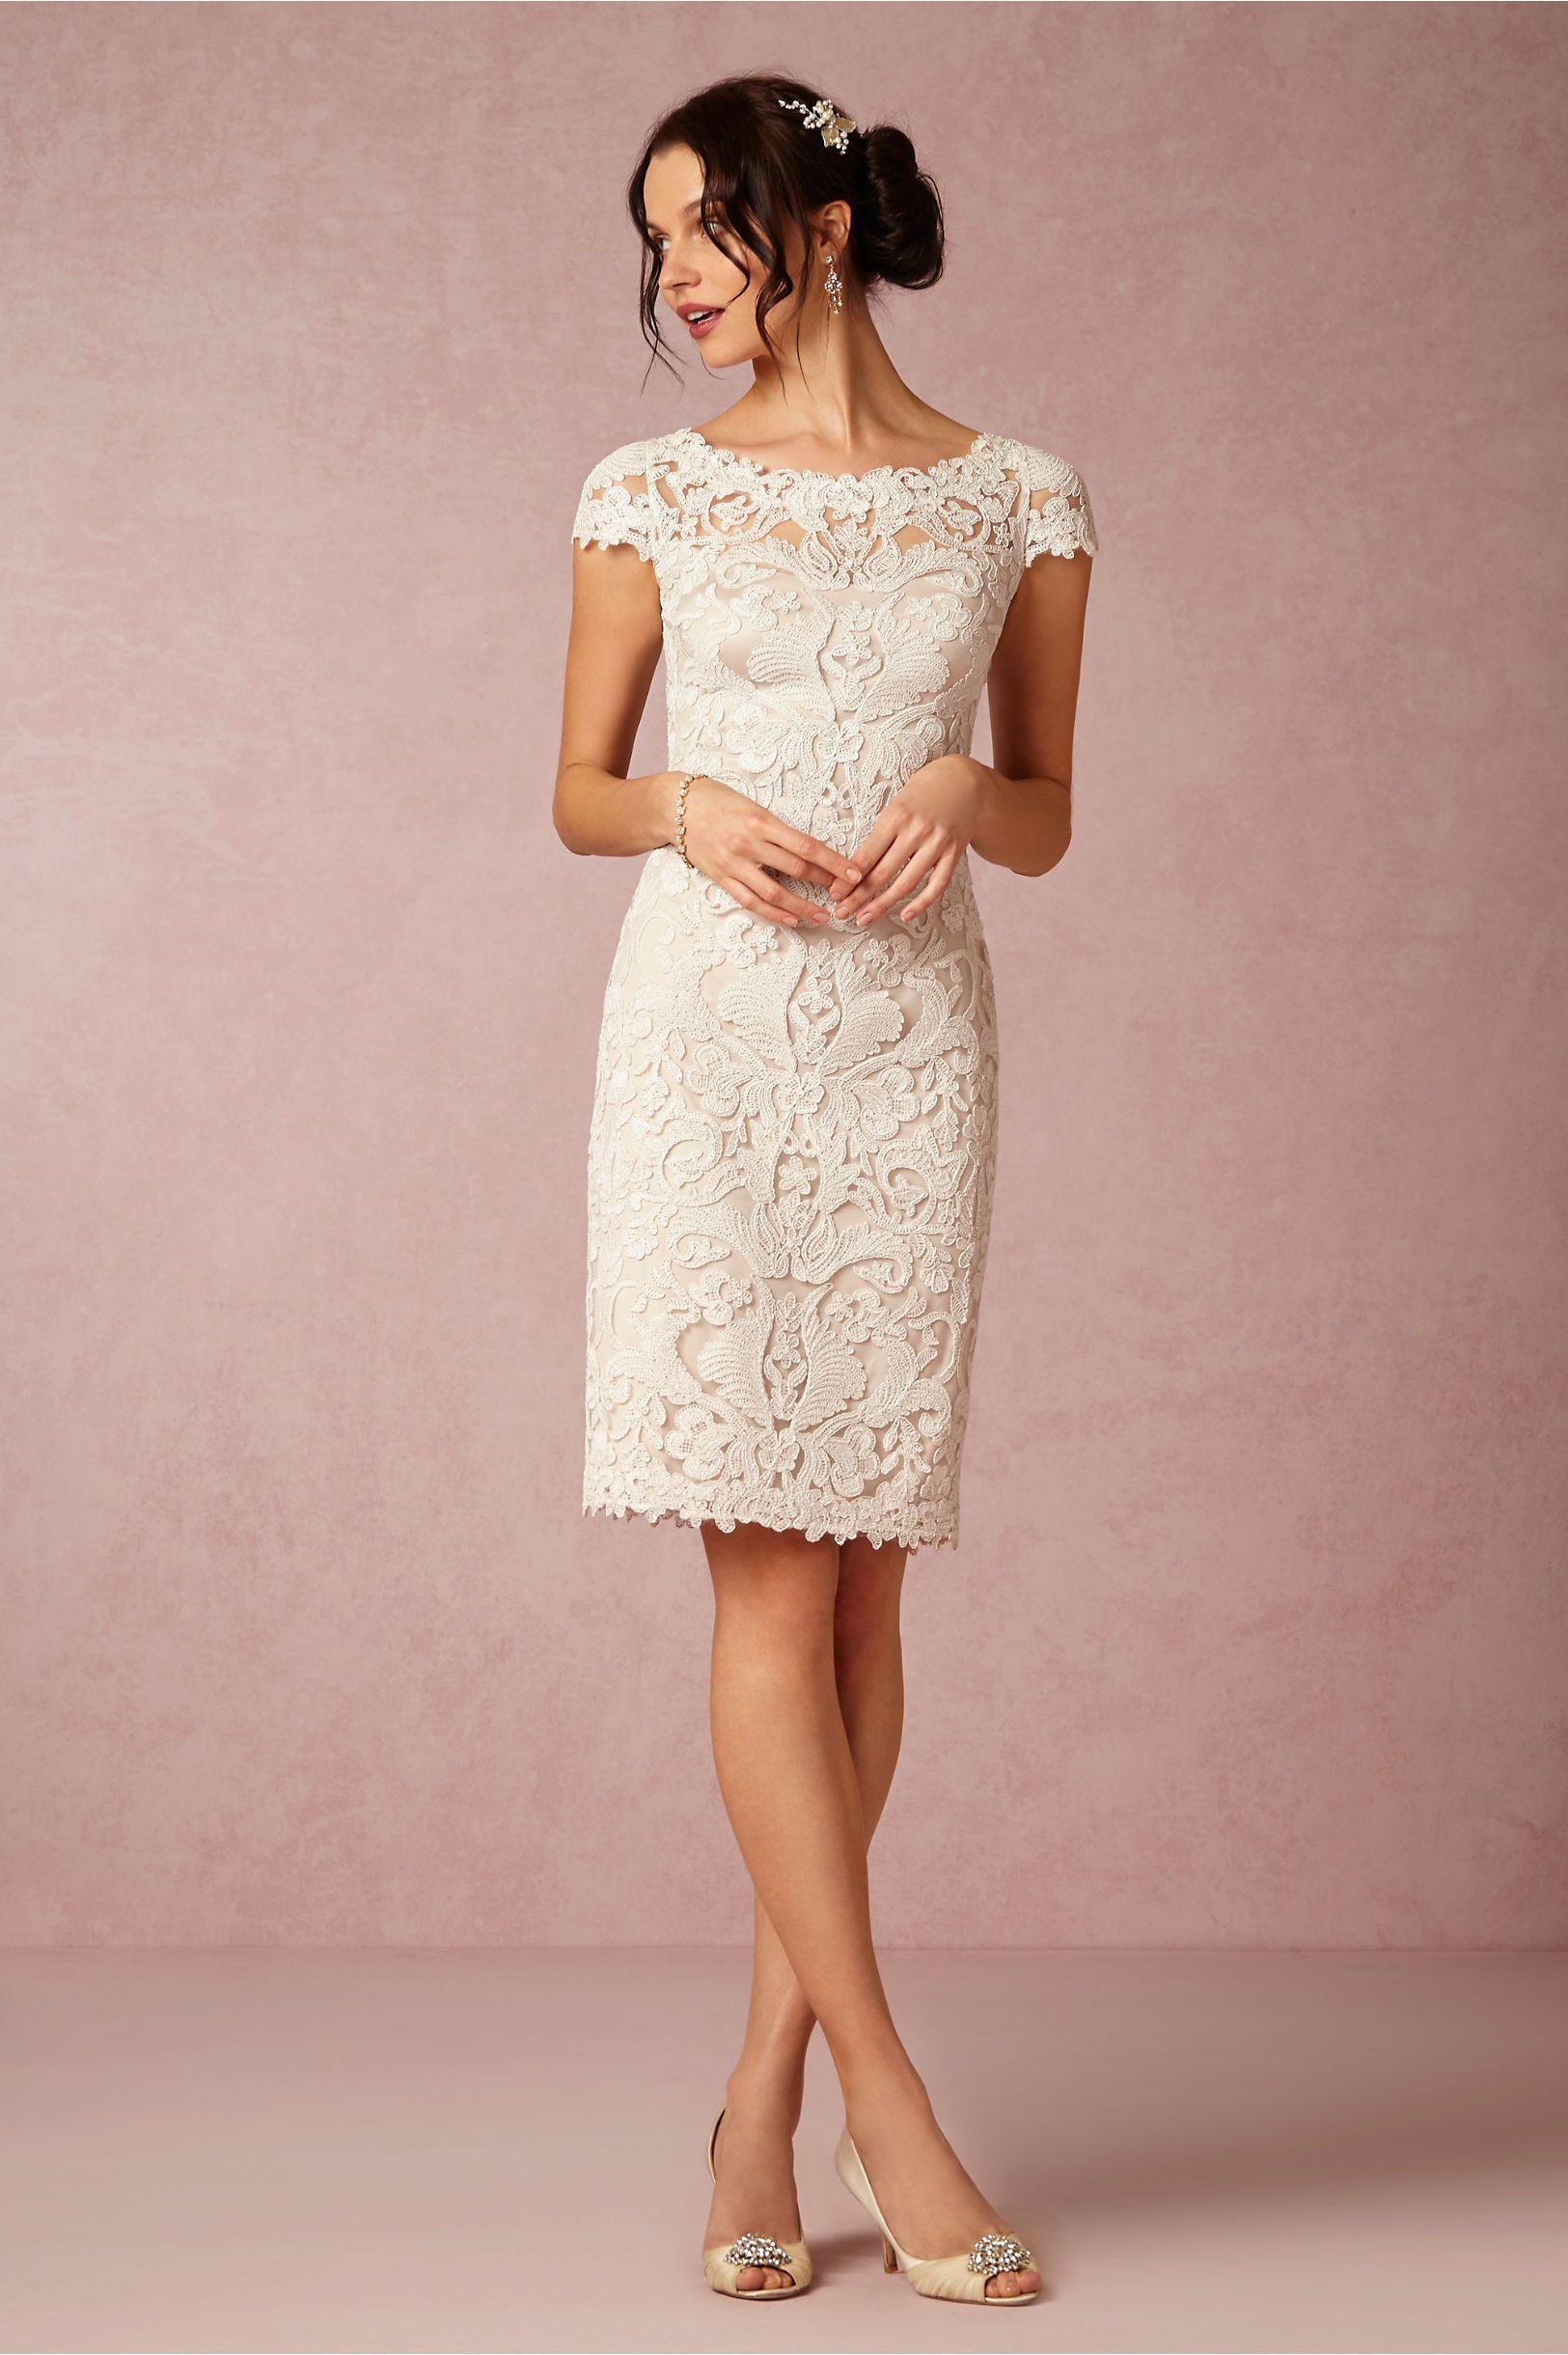 Formal Schön Schickes Kleid Für Hochzeit Stylish Schön Schickes Kleid Für Hochzeit Stylish